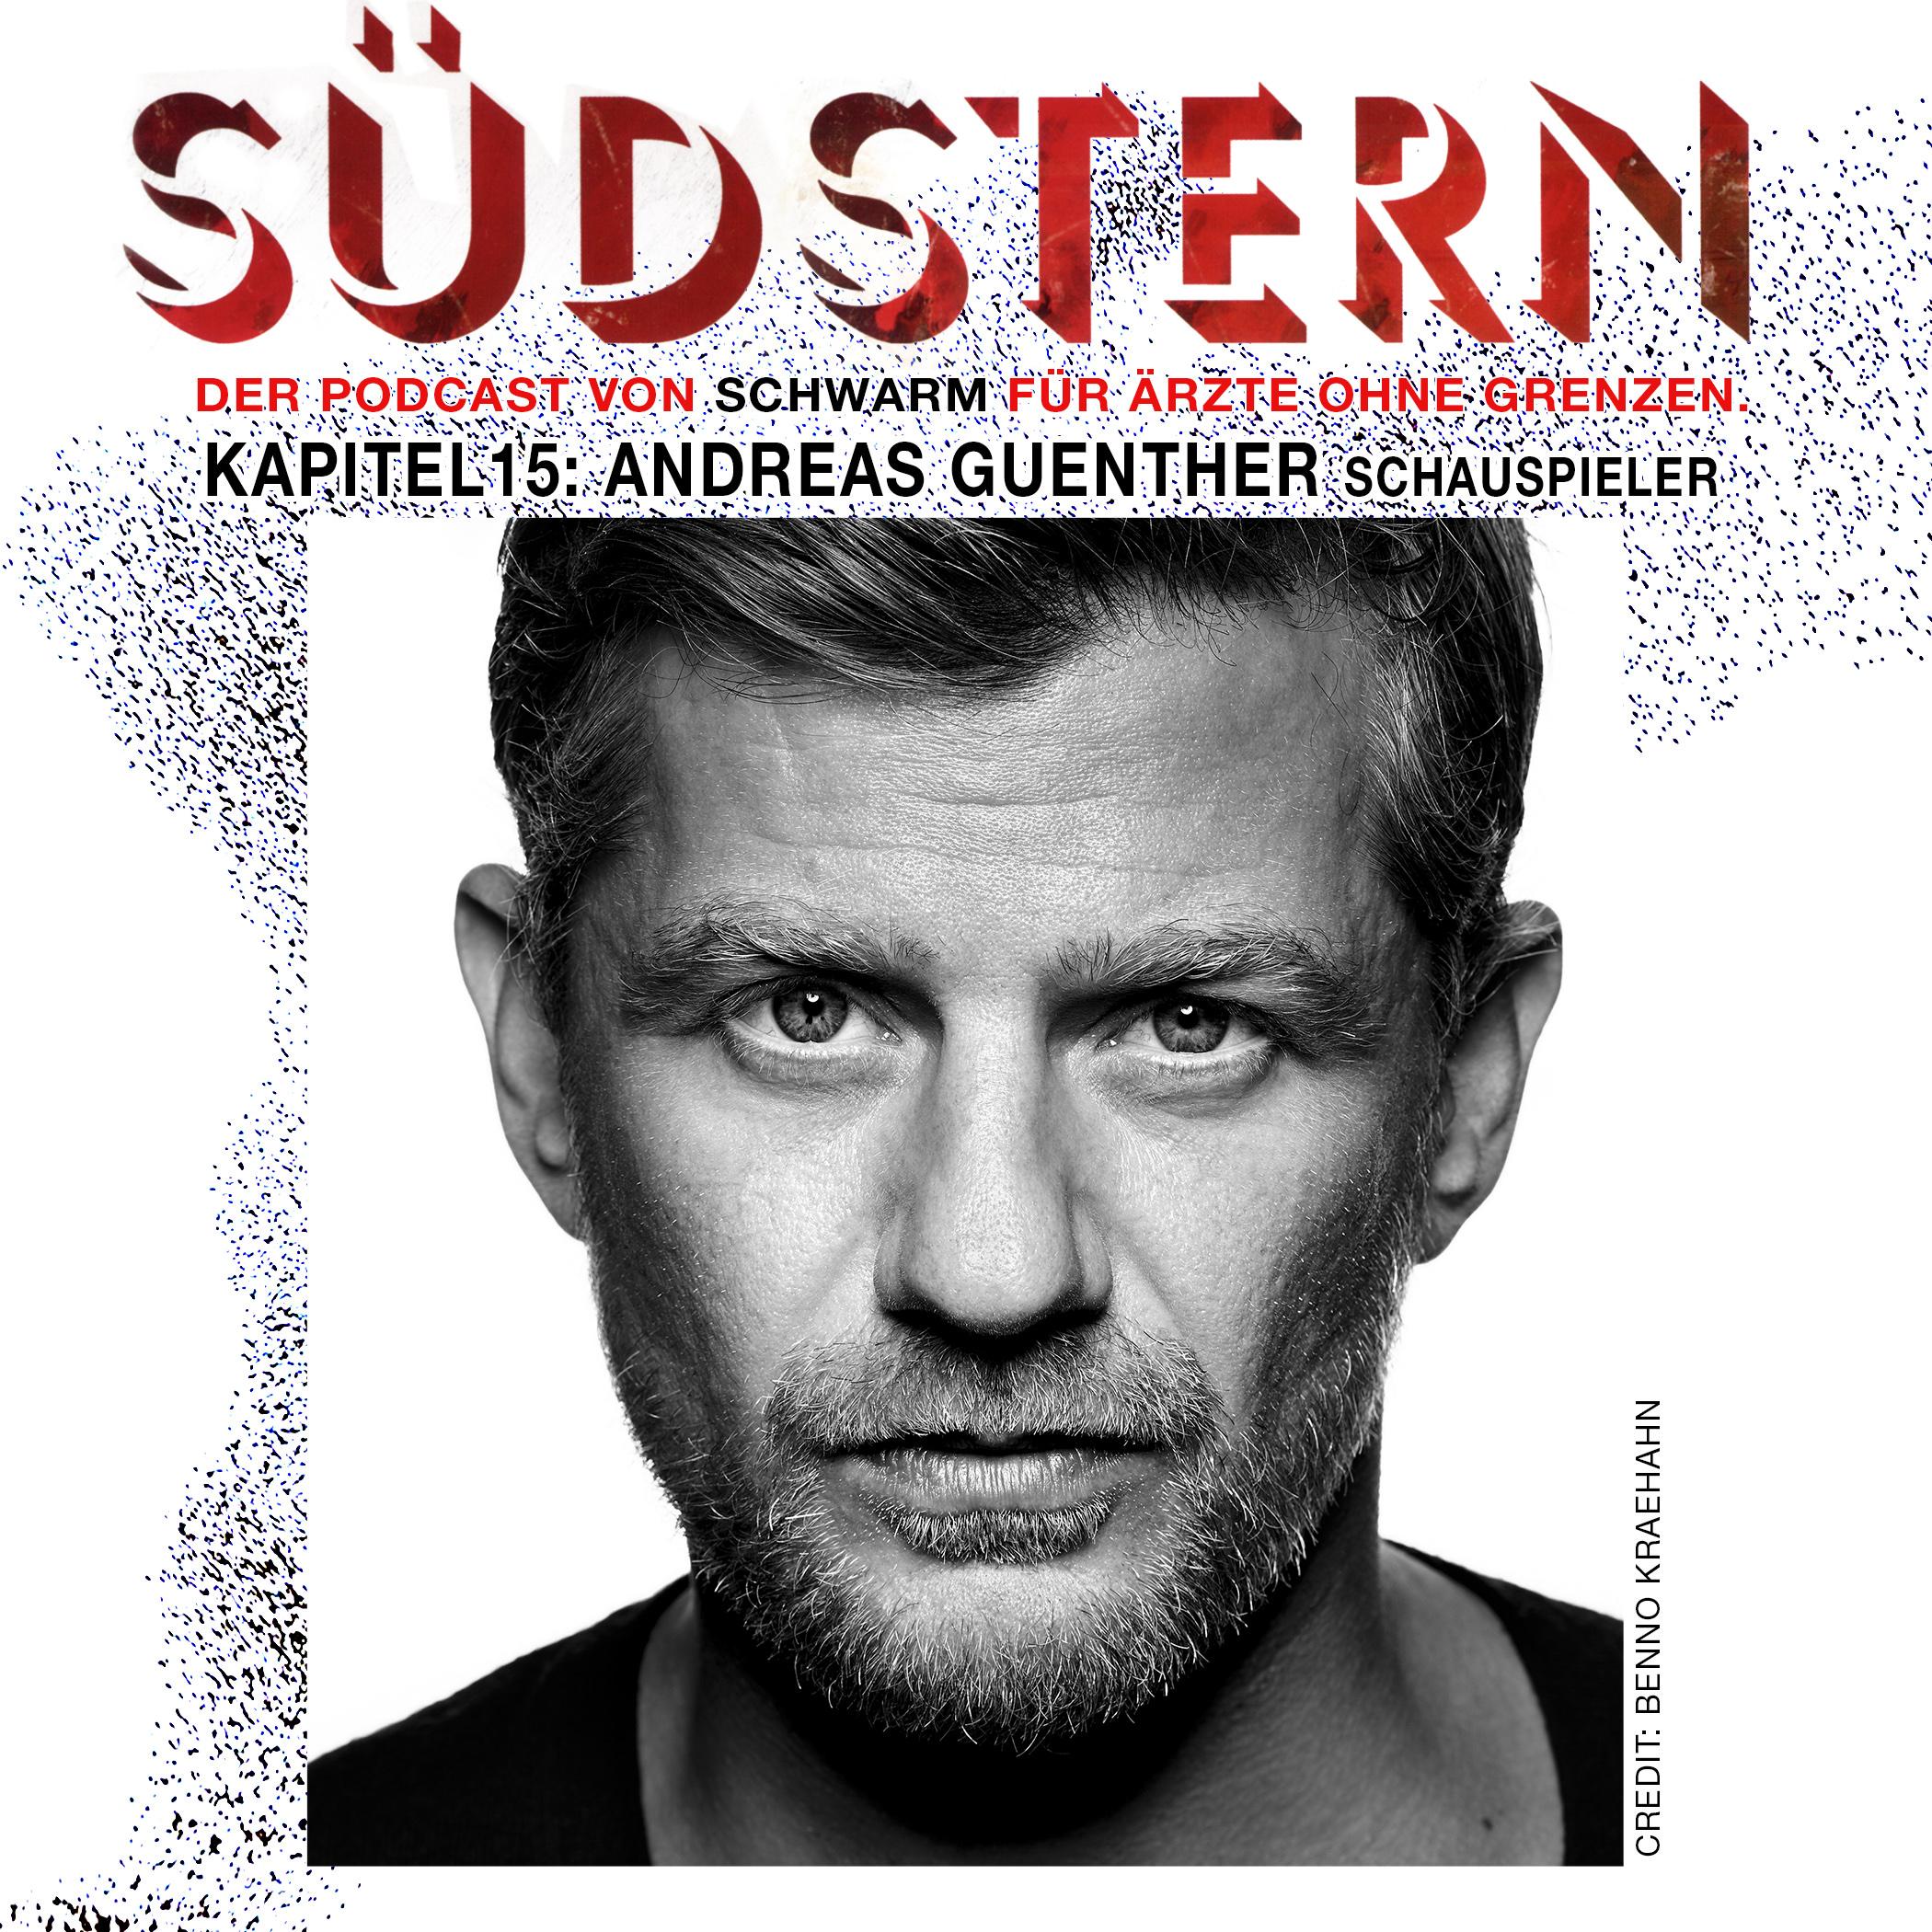 Kapitel 15 gelesen von Andreas Guenther